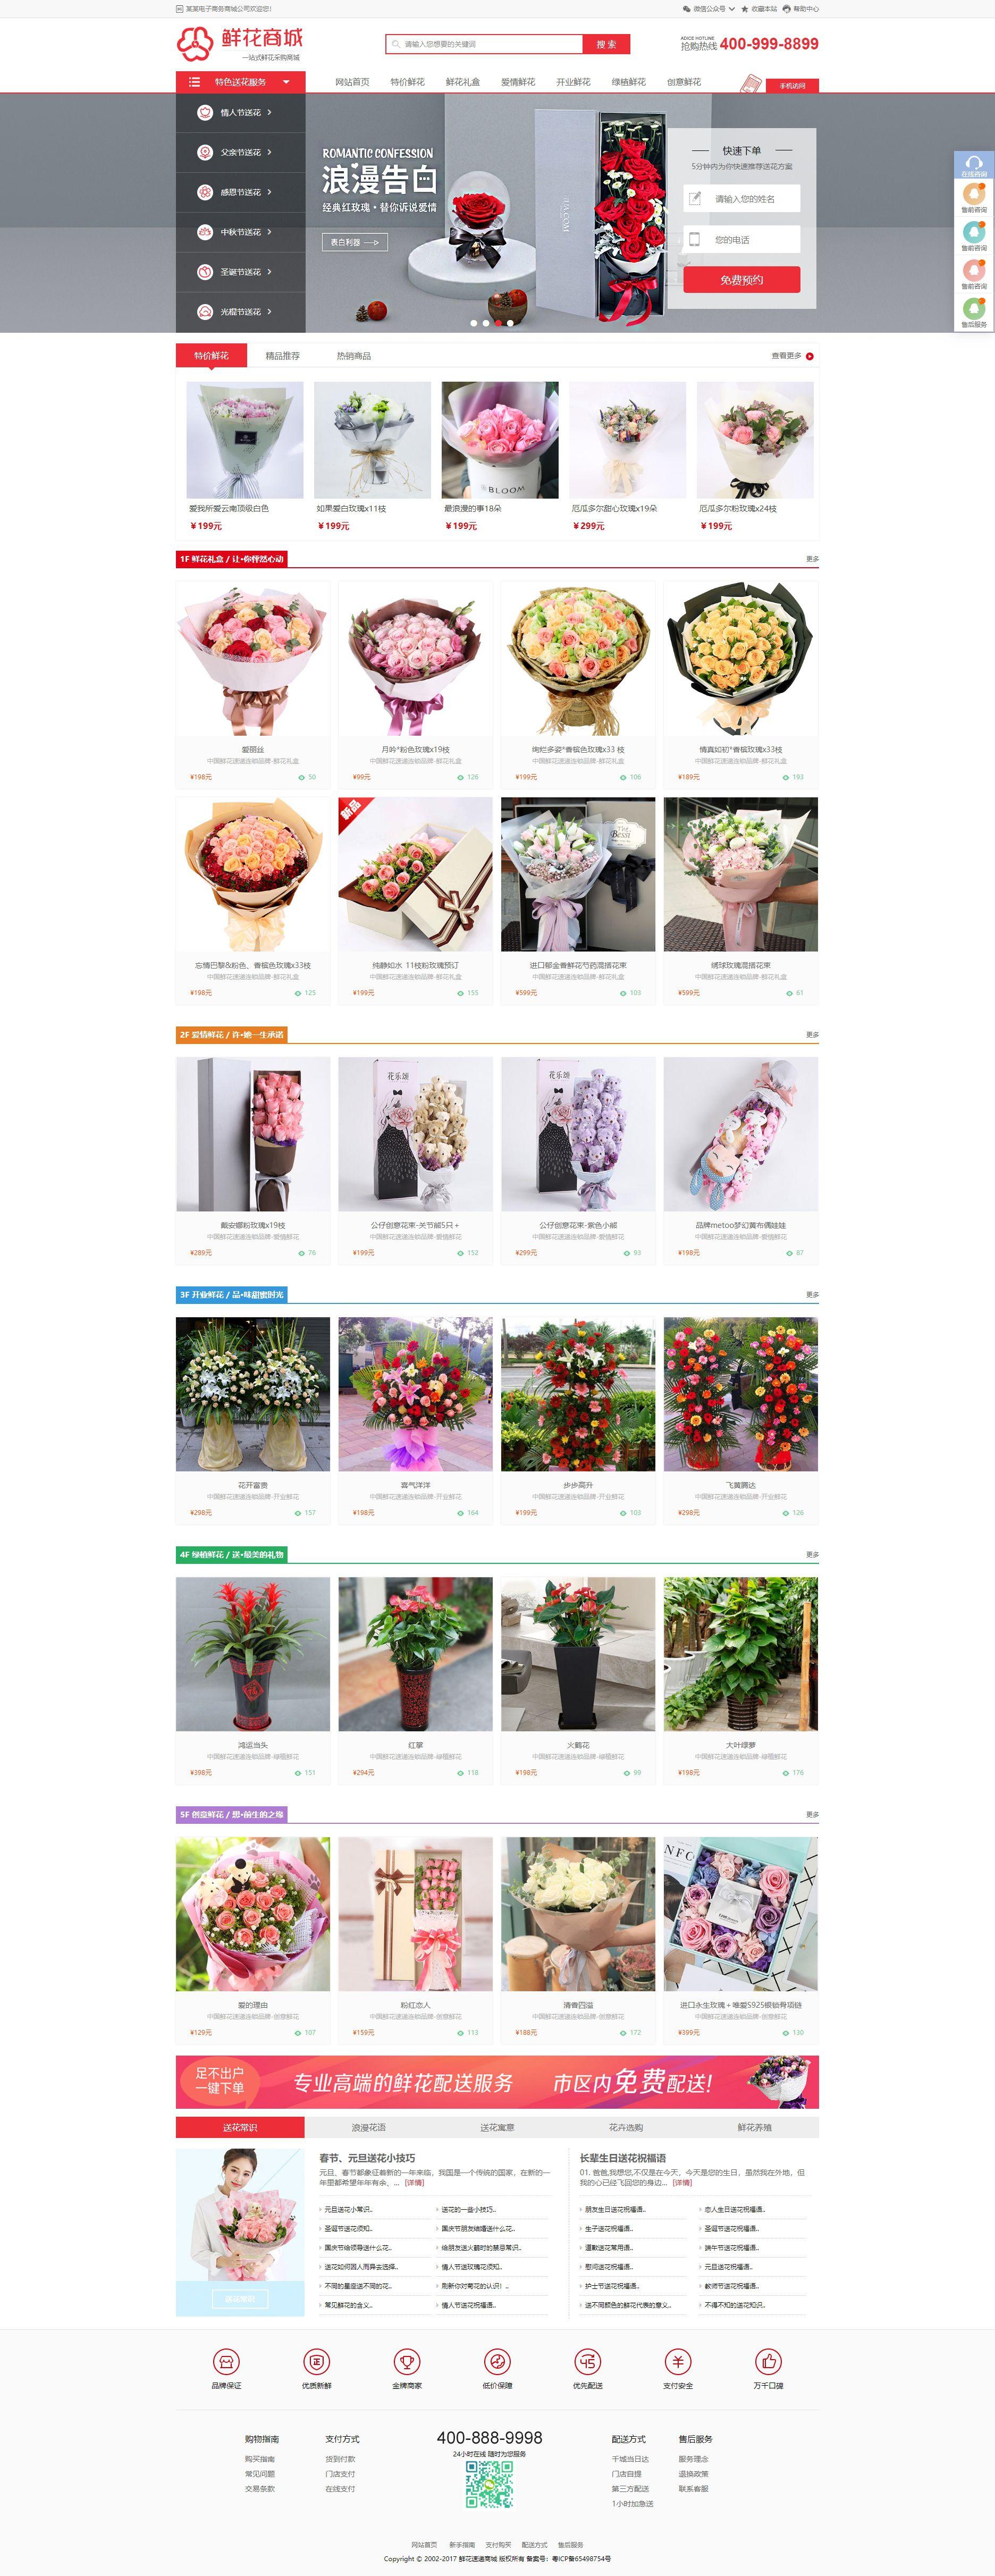 鲜花网购物商城织梦dedecms模板(带购物车带手机端)